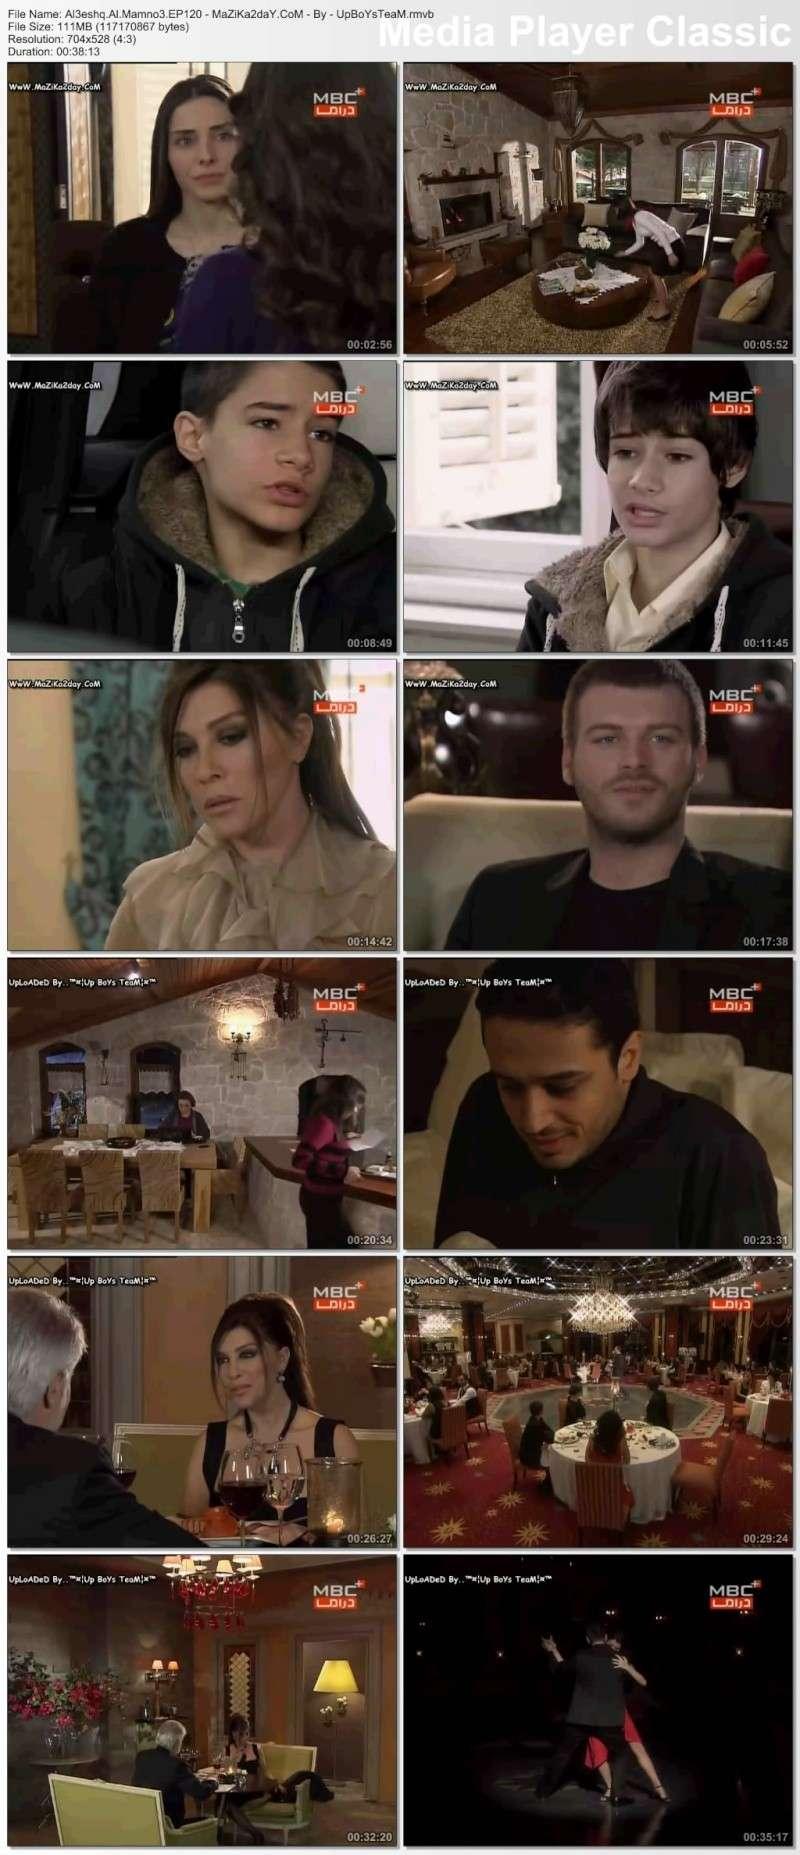 """حصرياً المسلسل التركى الرومانسى الرائع"""" العشق الممنوع """" كامل 165 حلقة حلقات منفردة + تجميع تحميل مباشر Uouo10"""